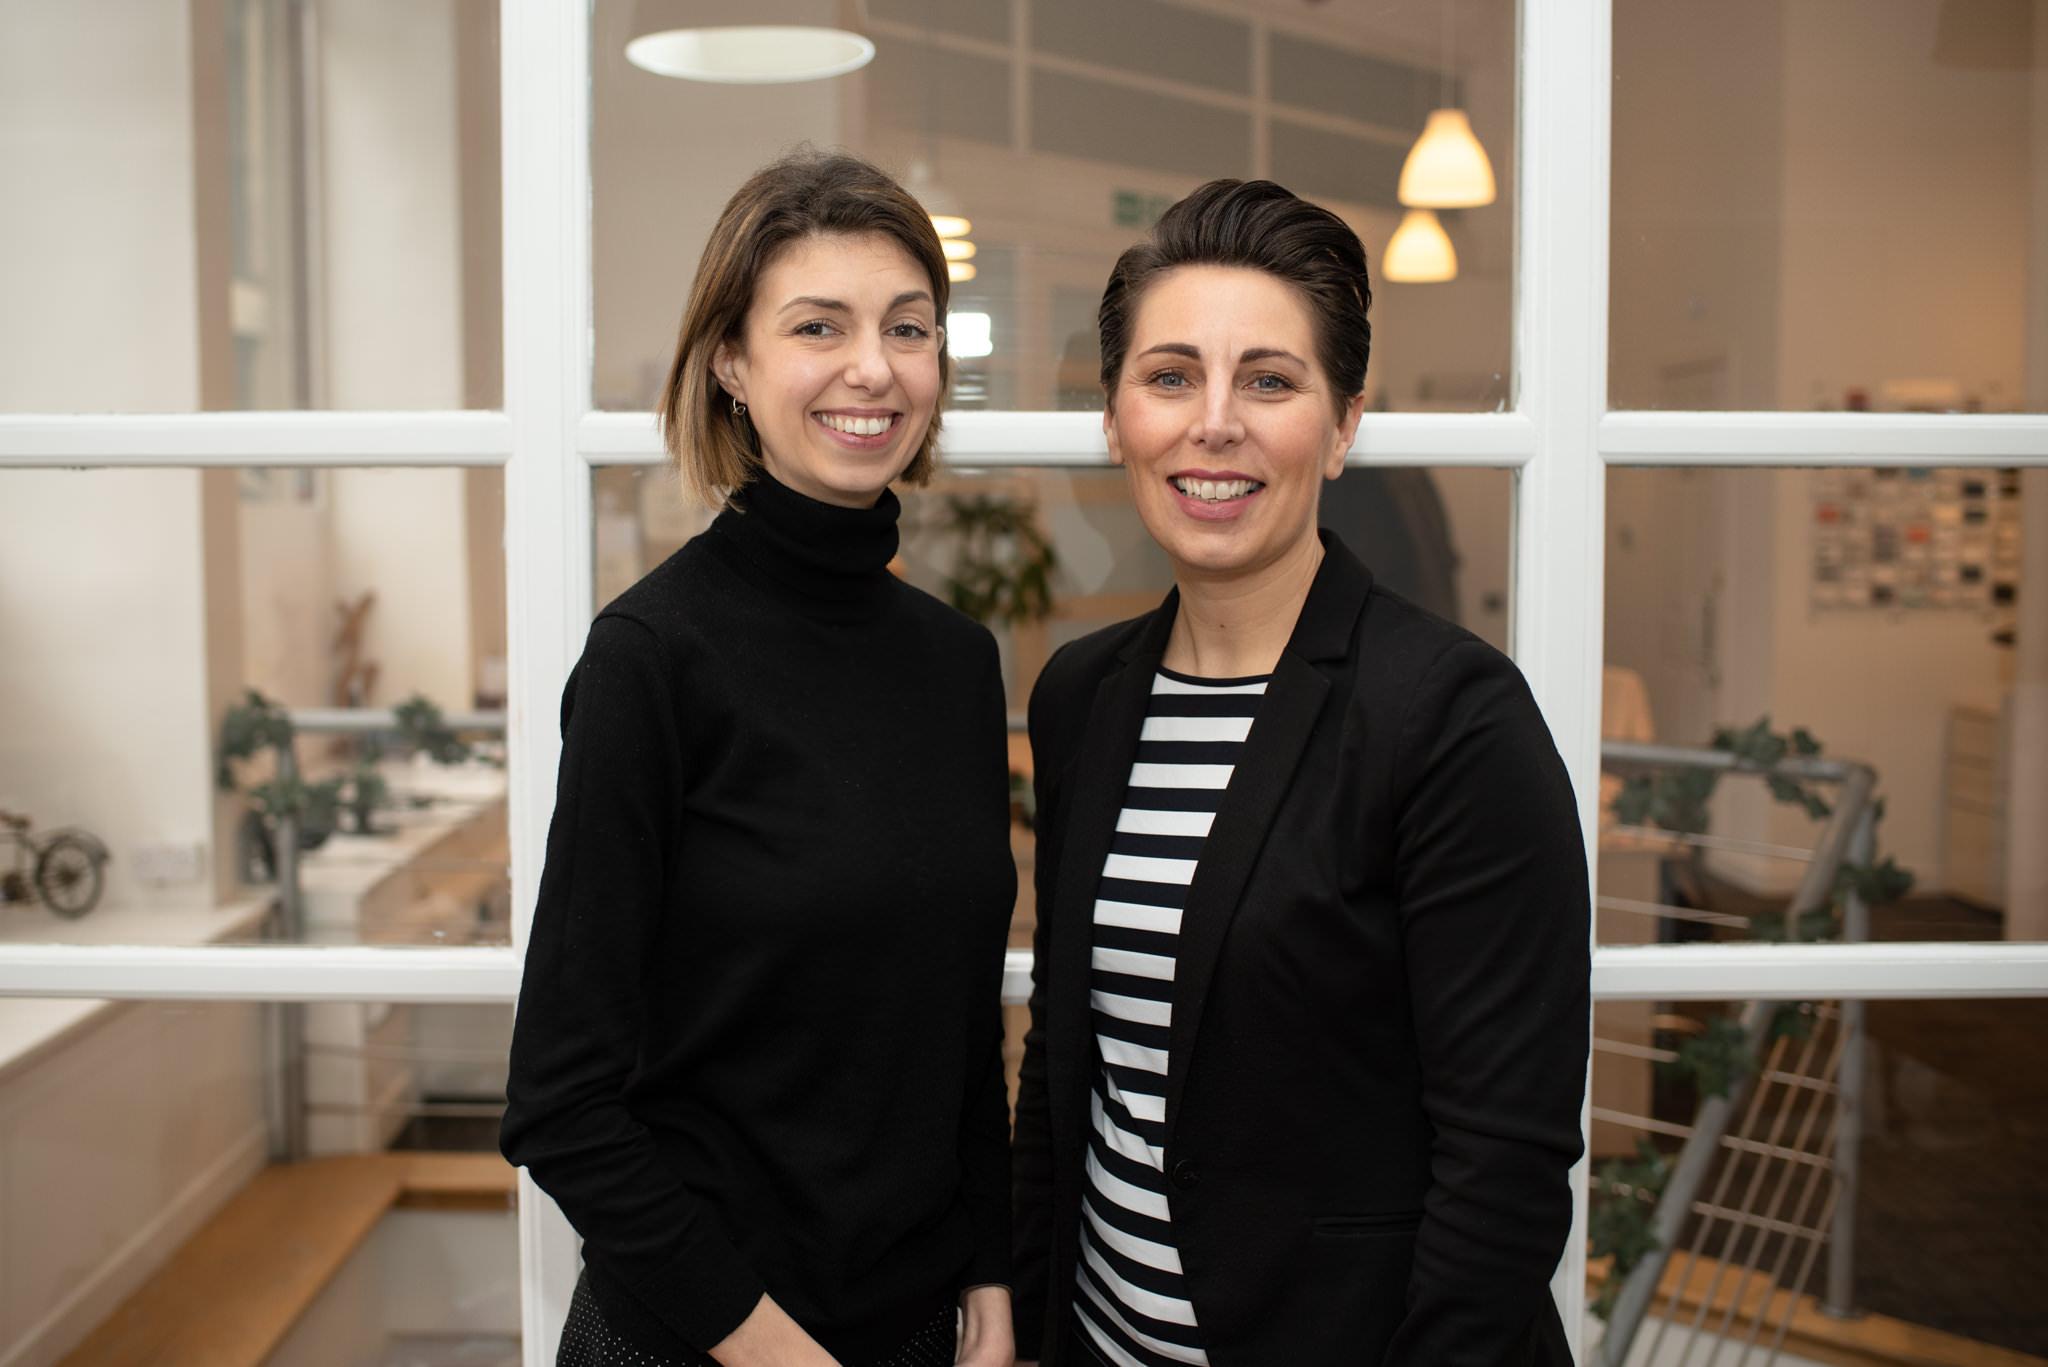 Lesley Reid and Luisa Crawford - © Julie Broadfoot - www.juliebee.co.uk